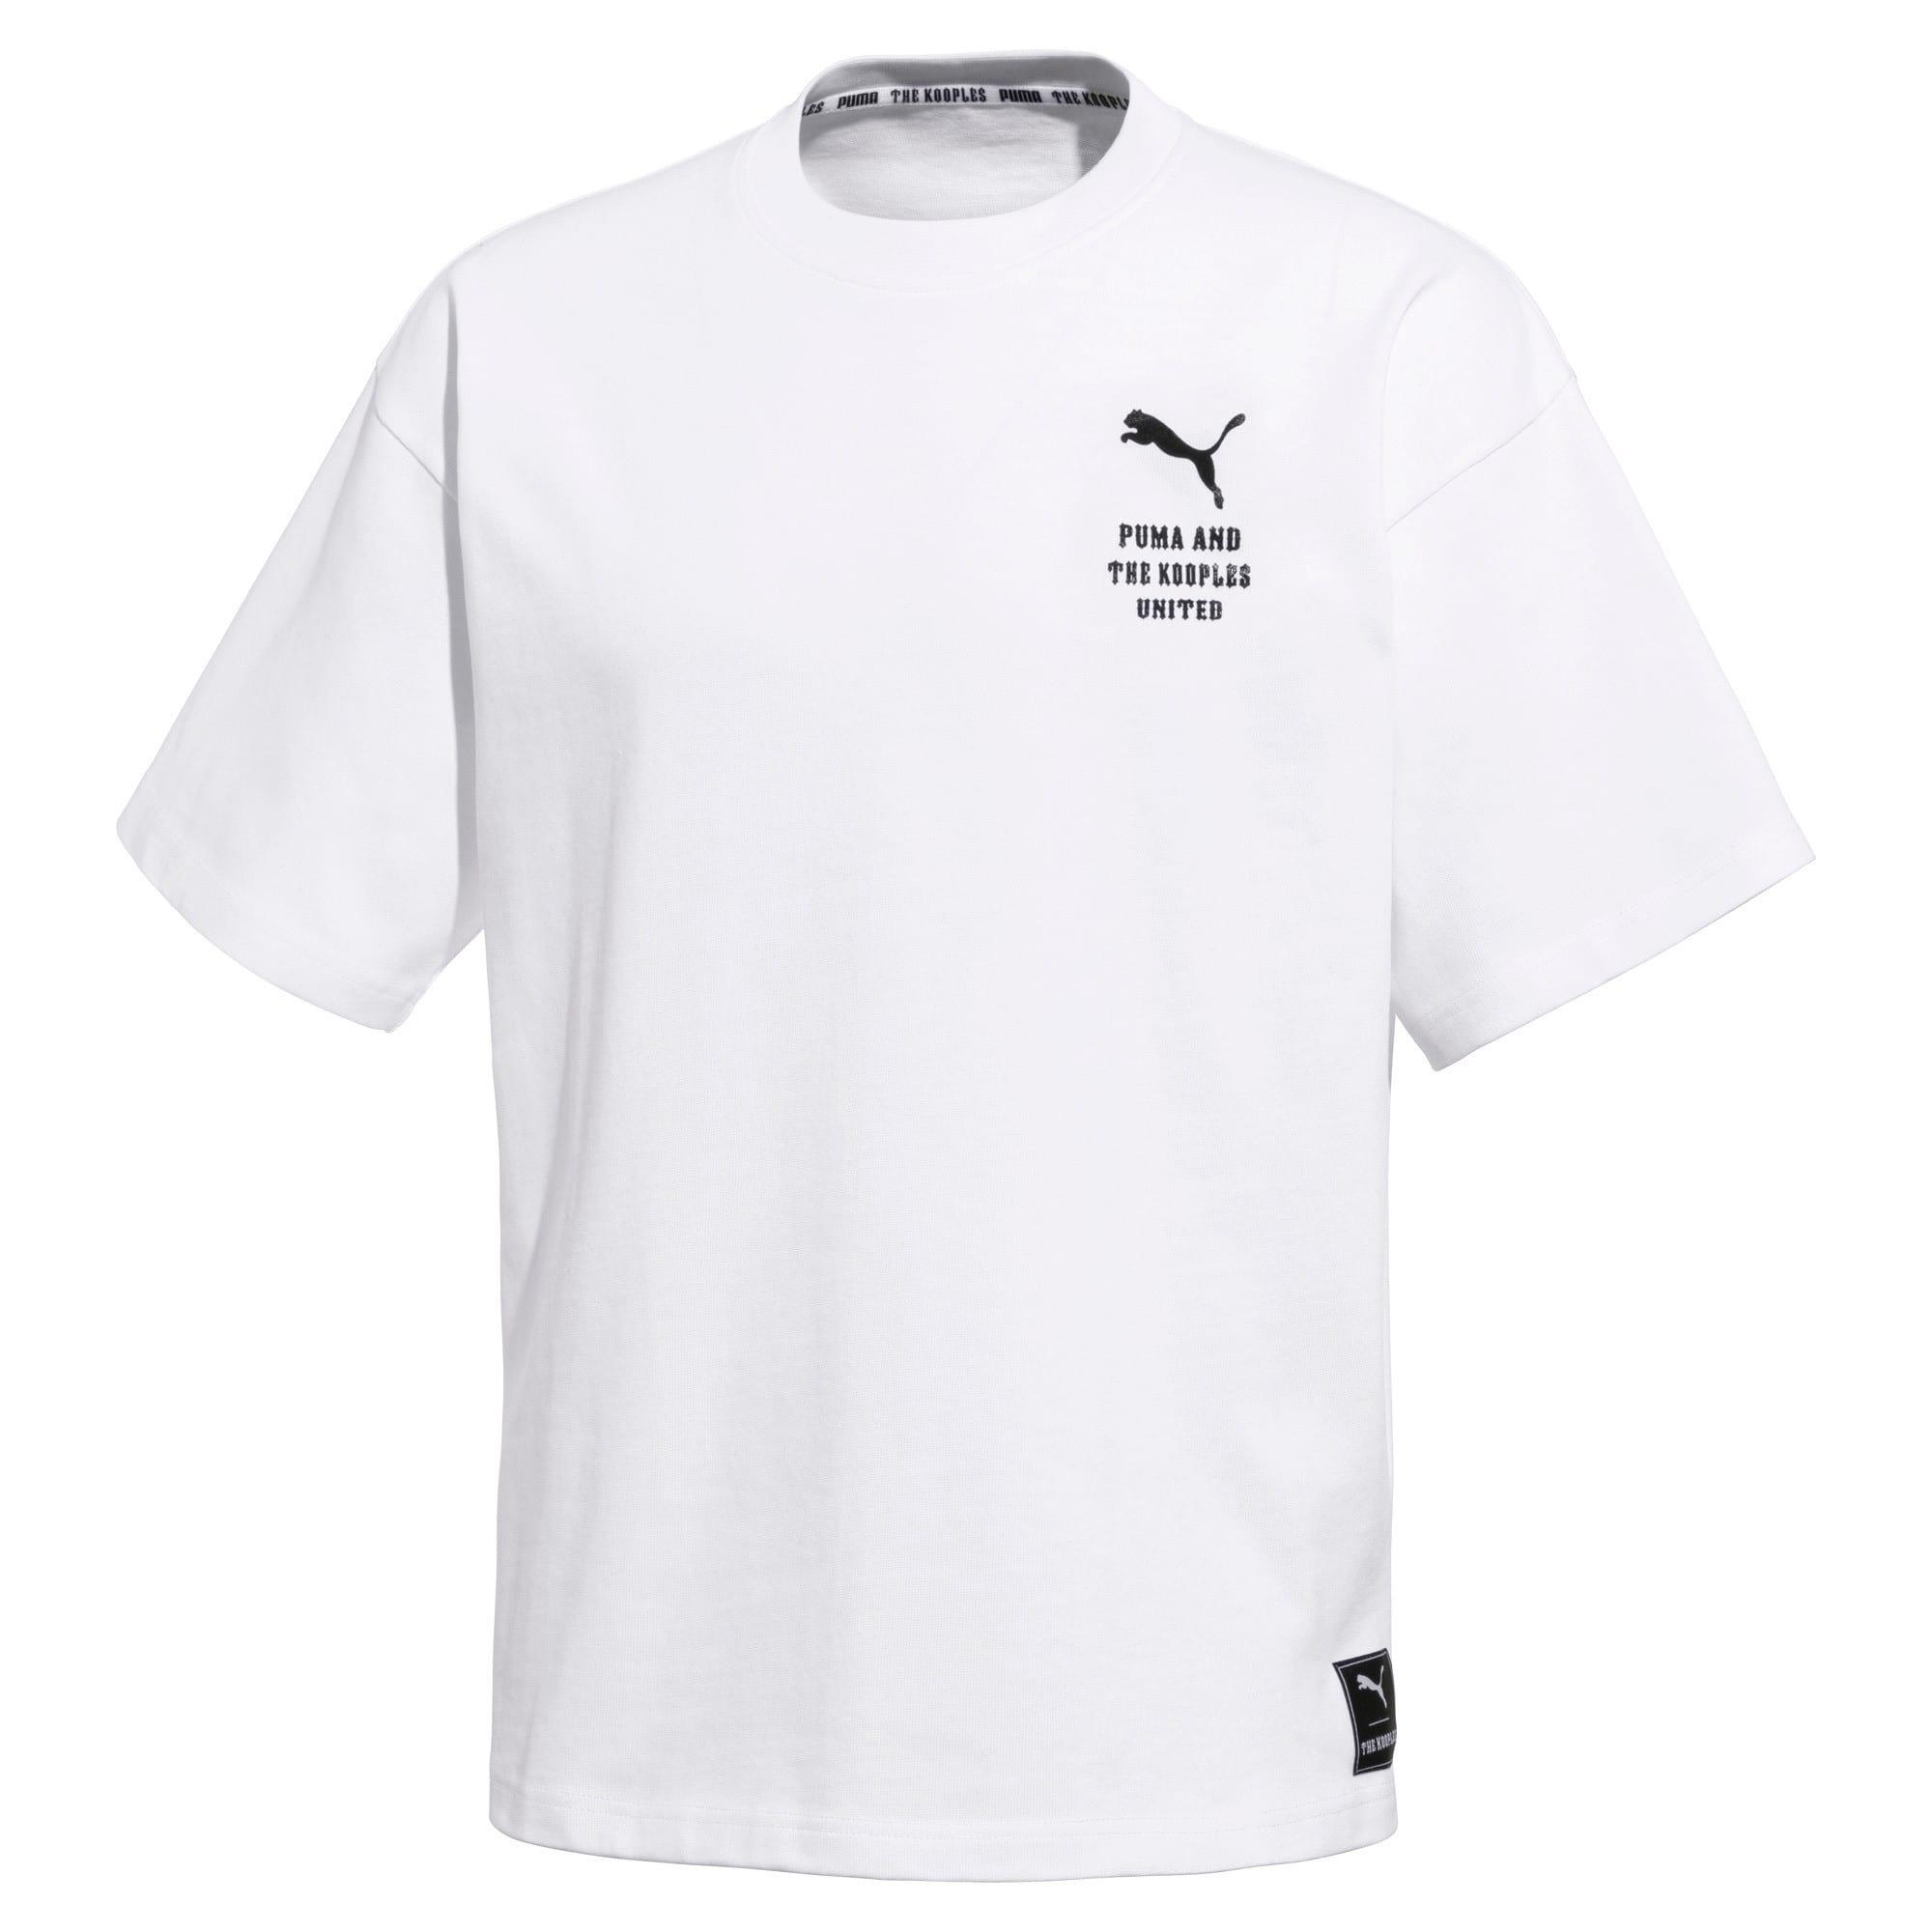 design intemporel 0794a acccc T-shirt PUMA x THE KOOPLES, homme